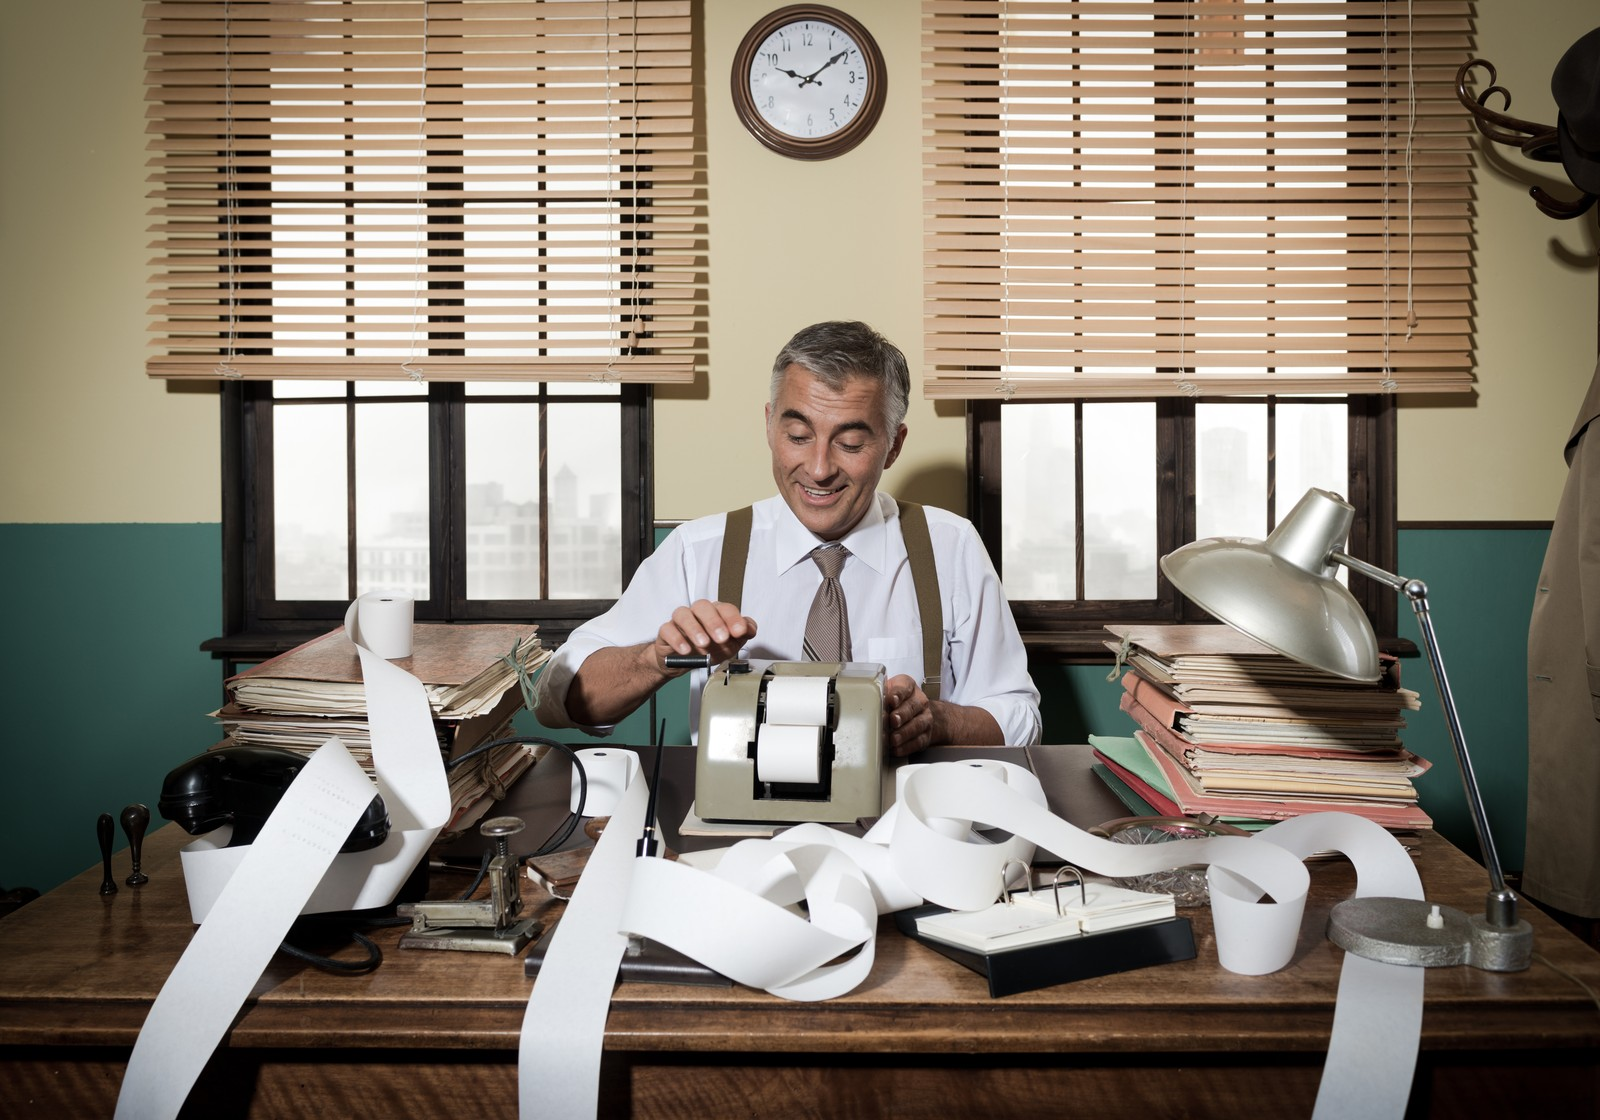 Steuerberatung können Sie von der Erbschaftsteuer absetzen, wenn es sich um Ausgaben für den Erblasser handelt.